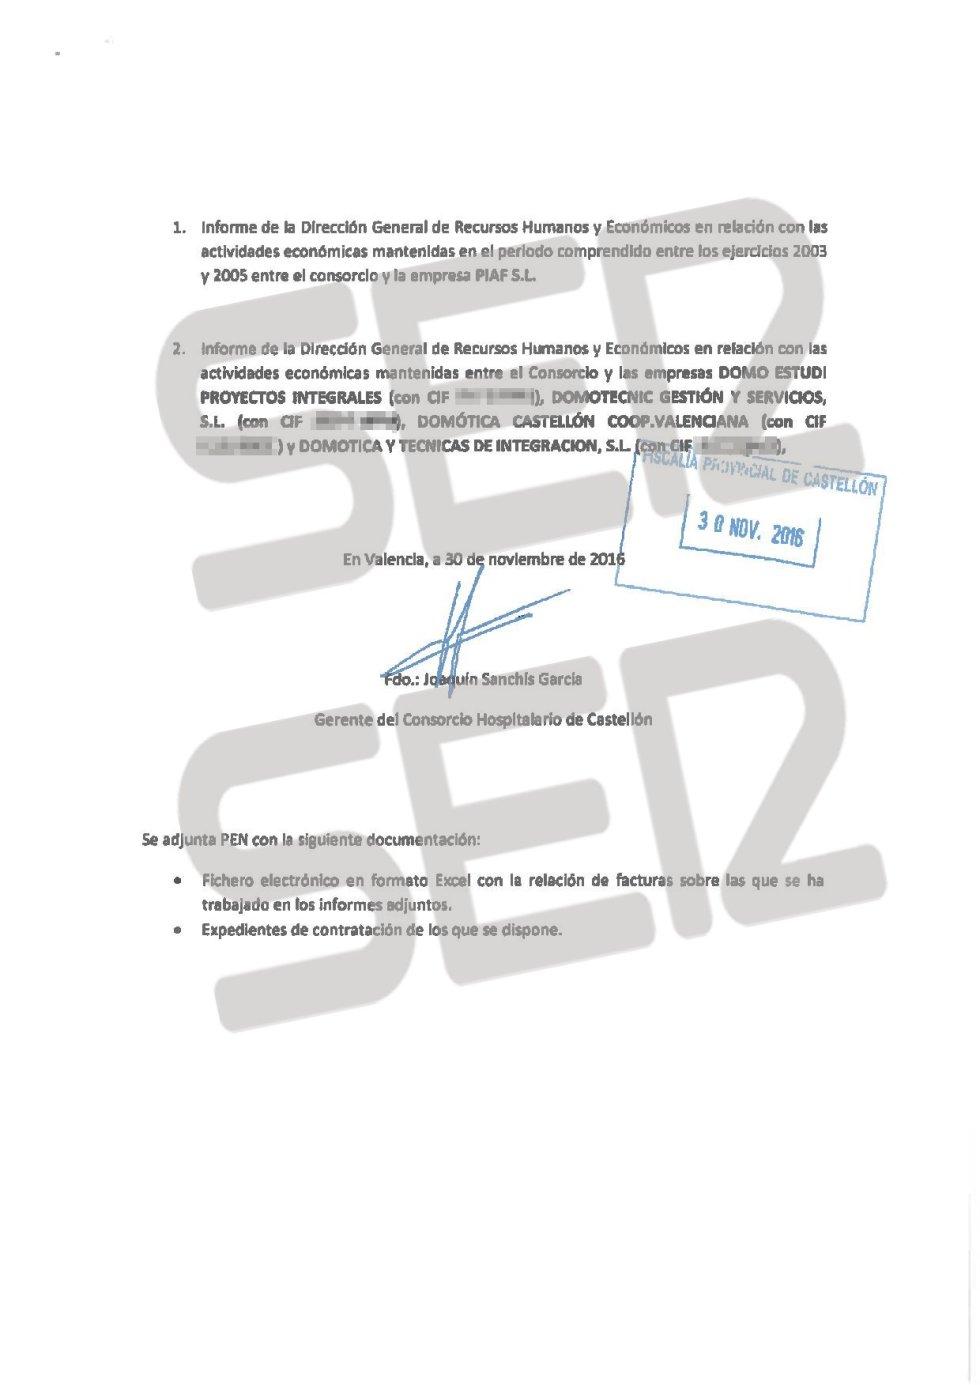 Denuncia de la Generalitat Valenciana presentada ante la Fiscalía (página 2 de 2).